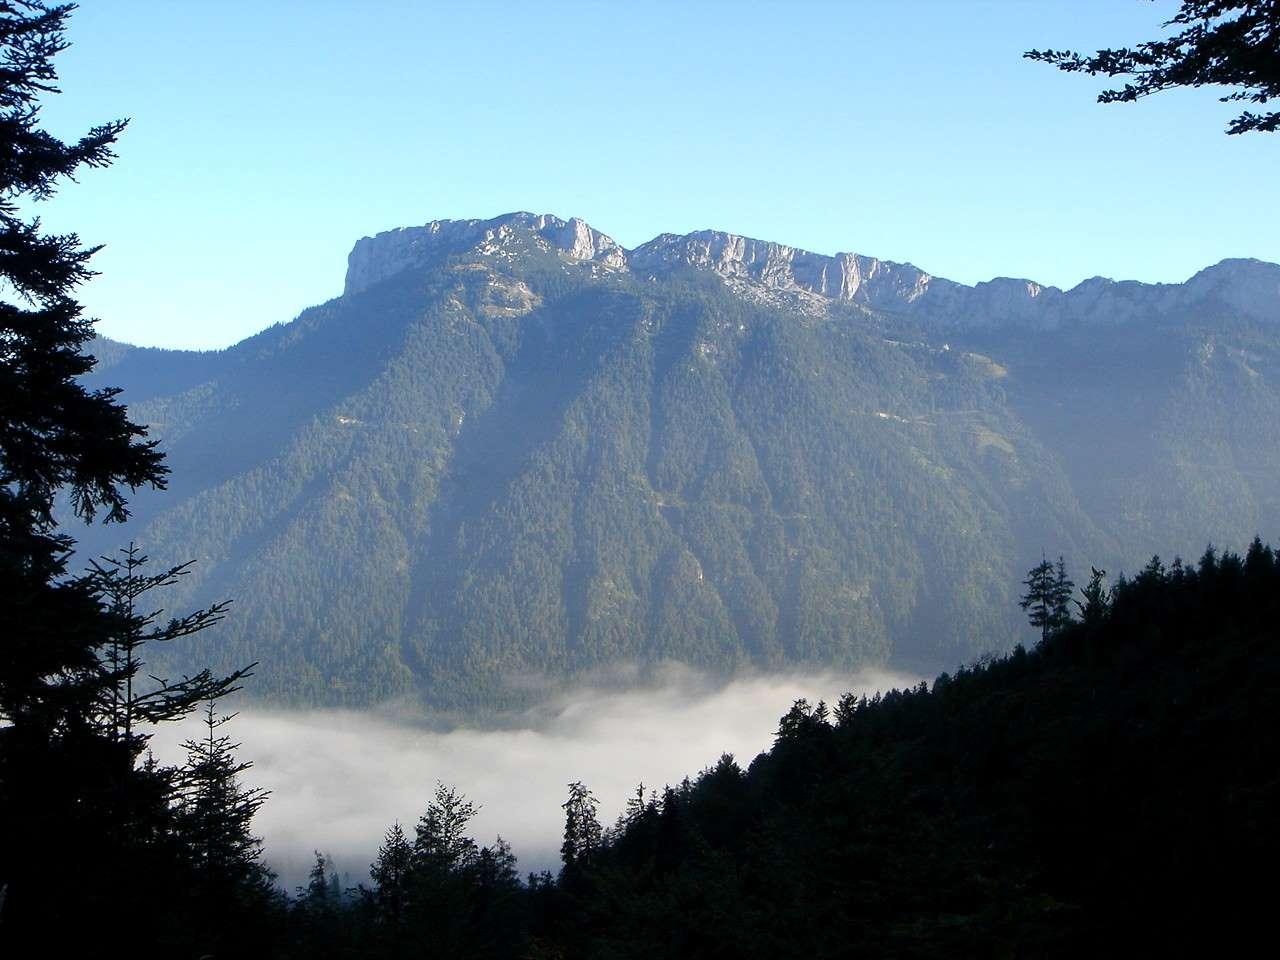 Foto: Manfred Karl / Wander Tour / Von Waidring auf den Brunnkopf / Während des Aufstiegs eröffnen sich immer wieder schöne Ausblicke auf die gegenüberliegenden Wände der Steinplatte. / 17.05.2007 20:29:48